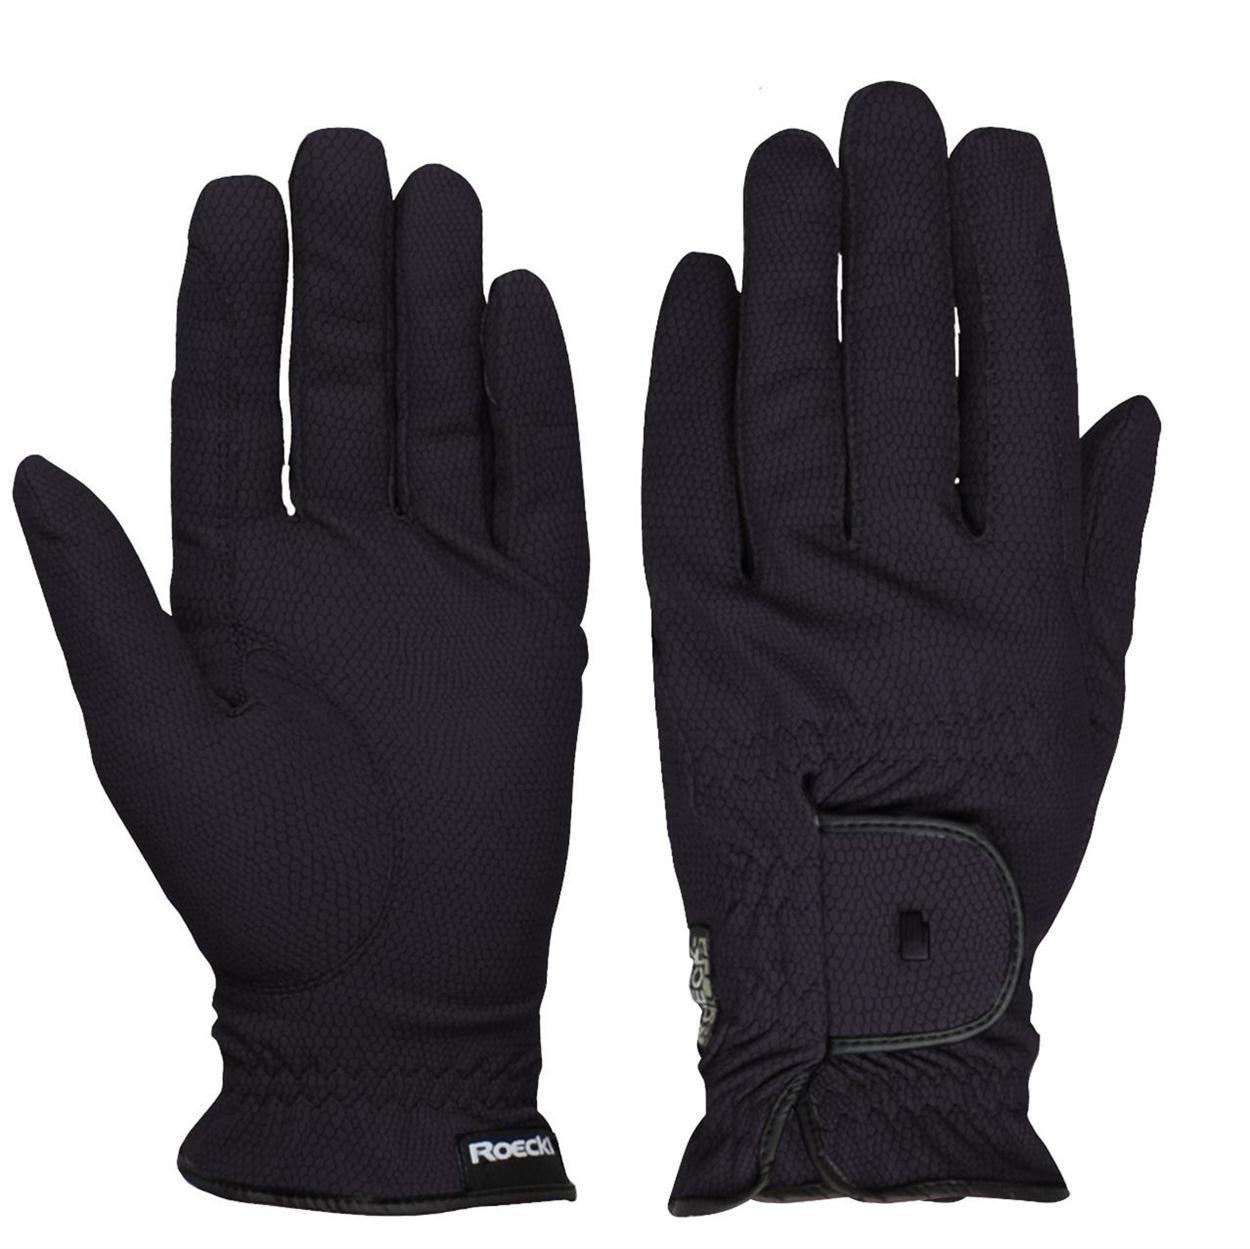 Roeckl Roeck grip Handschoen zwart maat:6